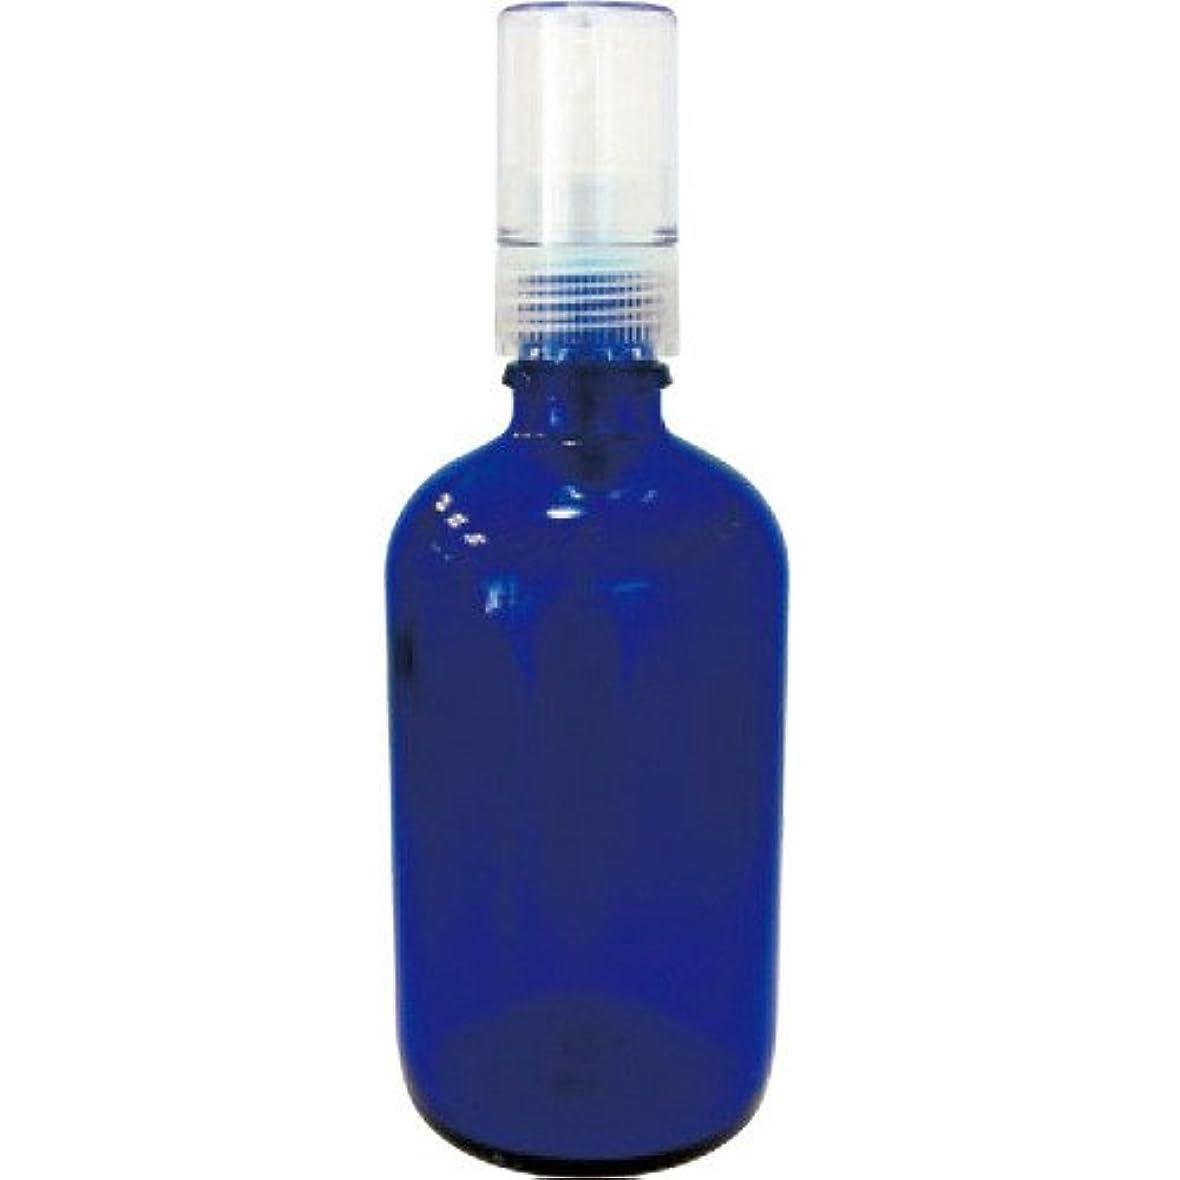 うめき有益容疑者青色ガラススプレー瓶100ml